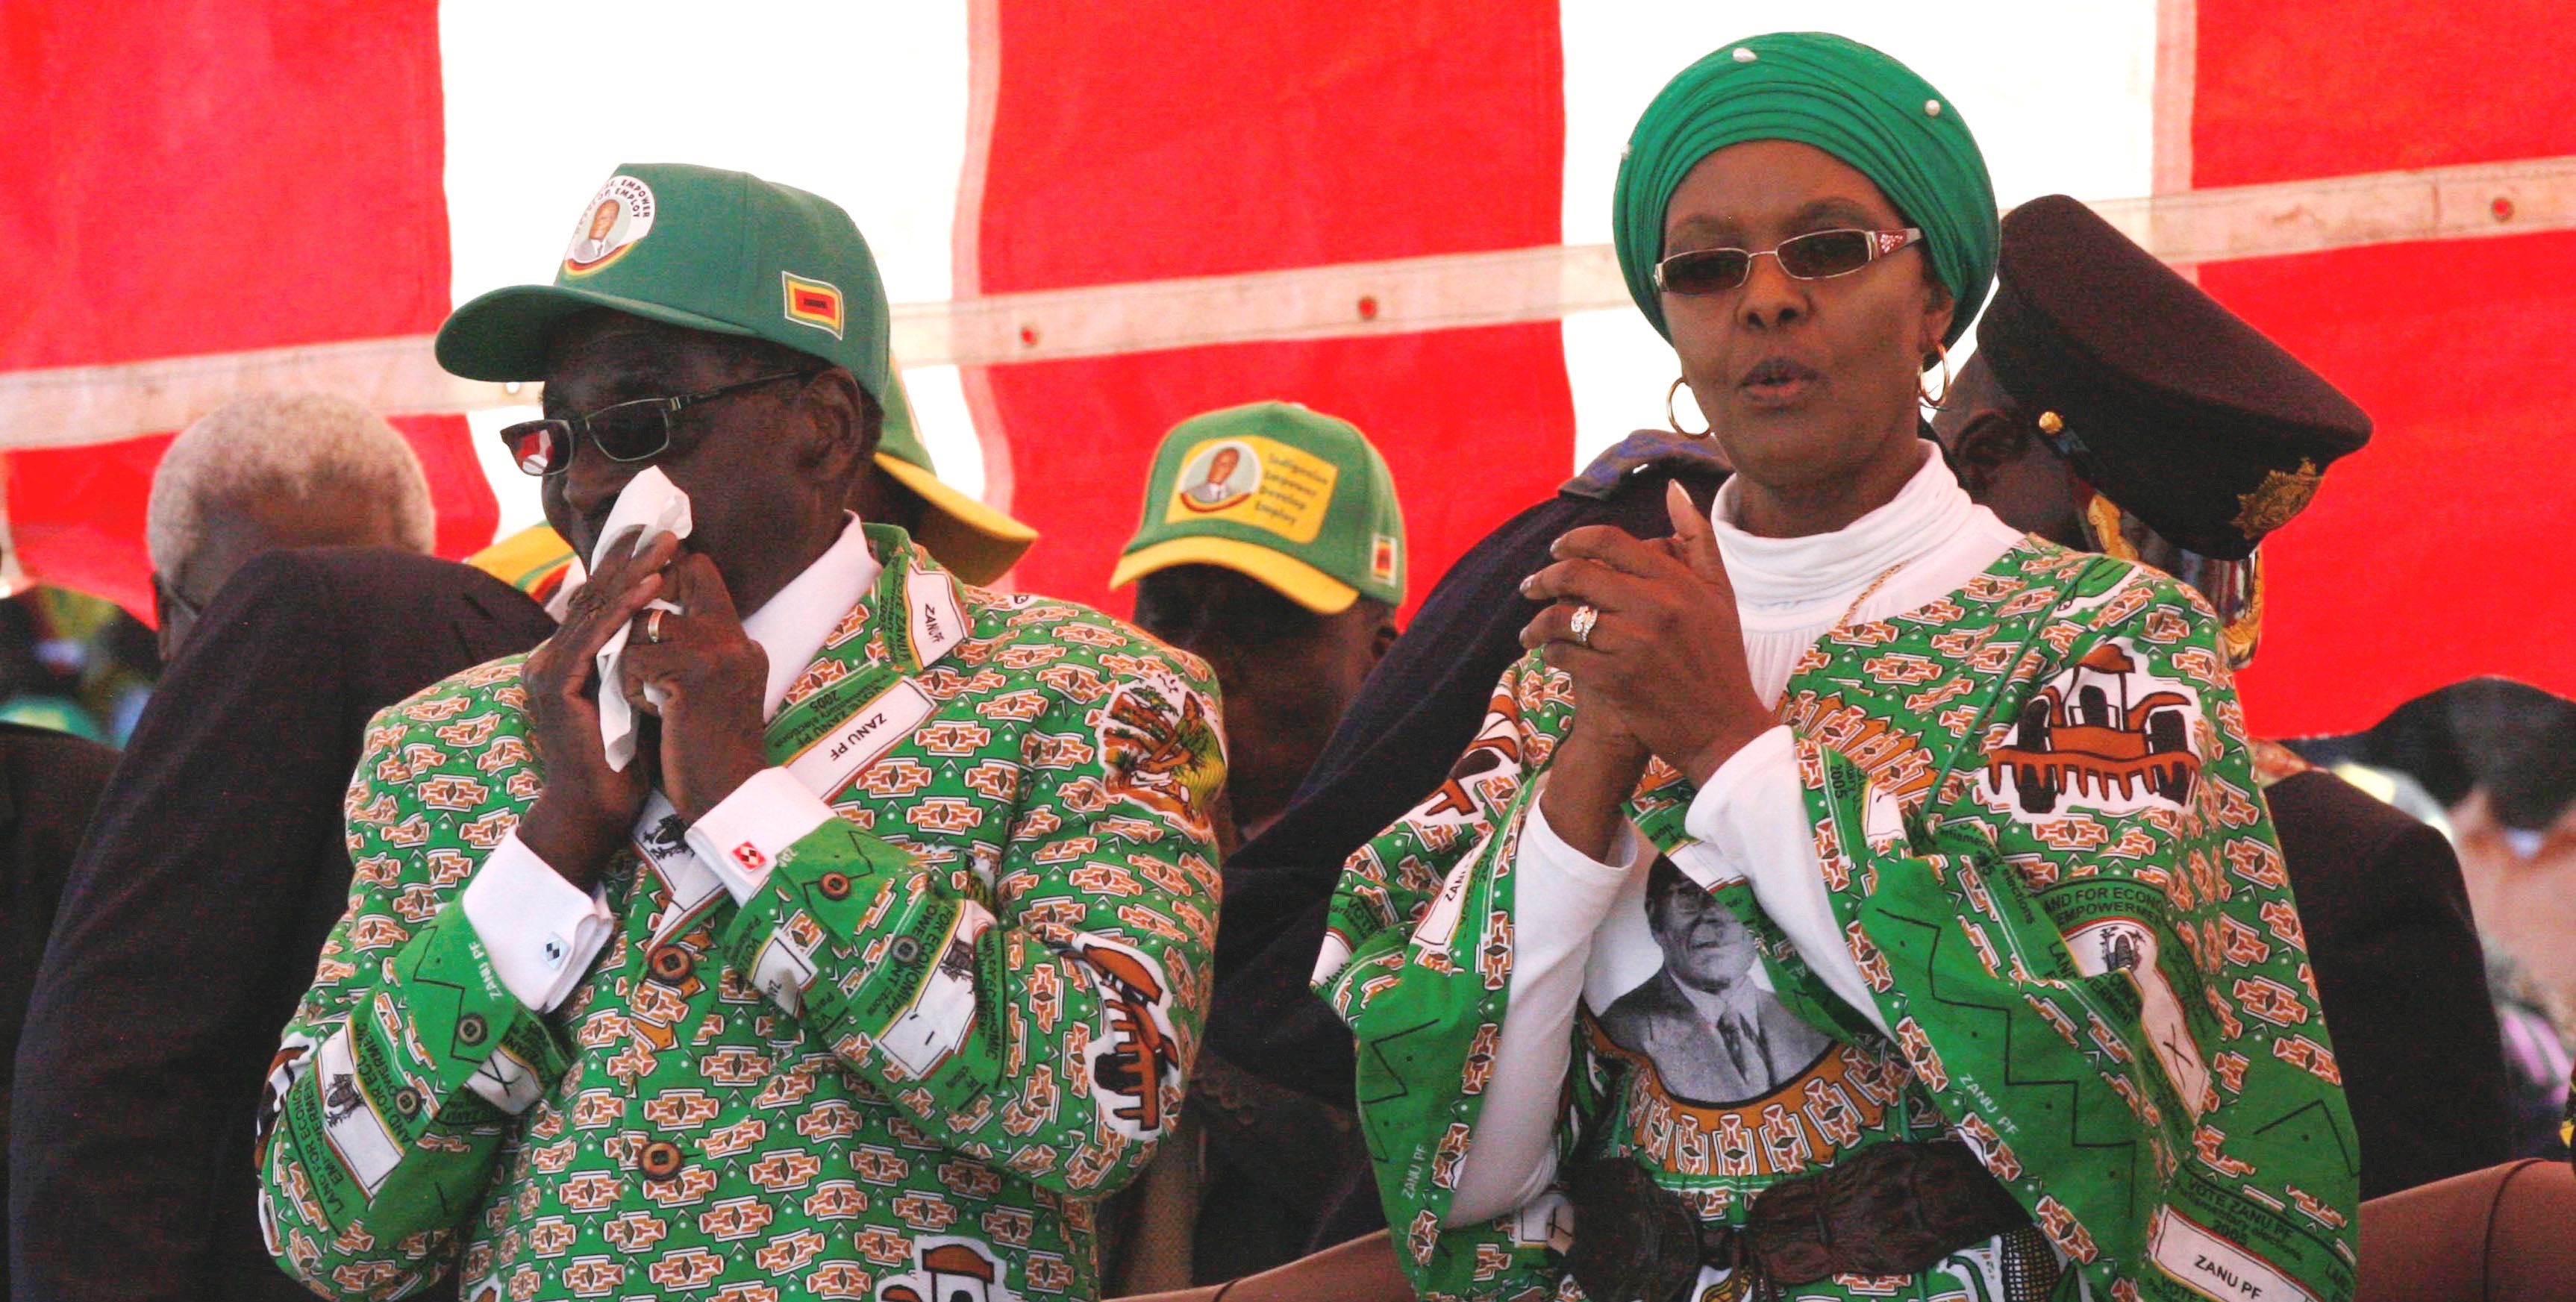 Mugabe and Friends?